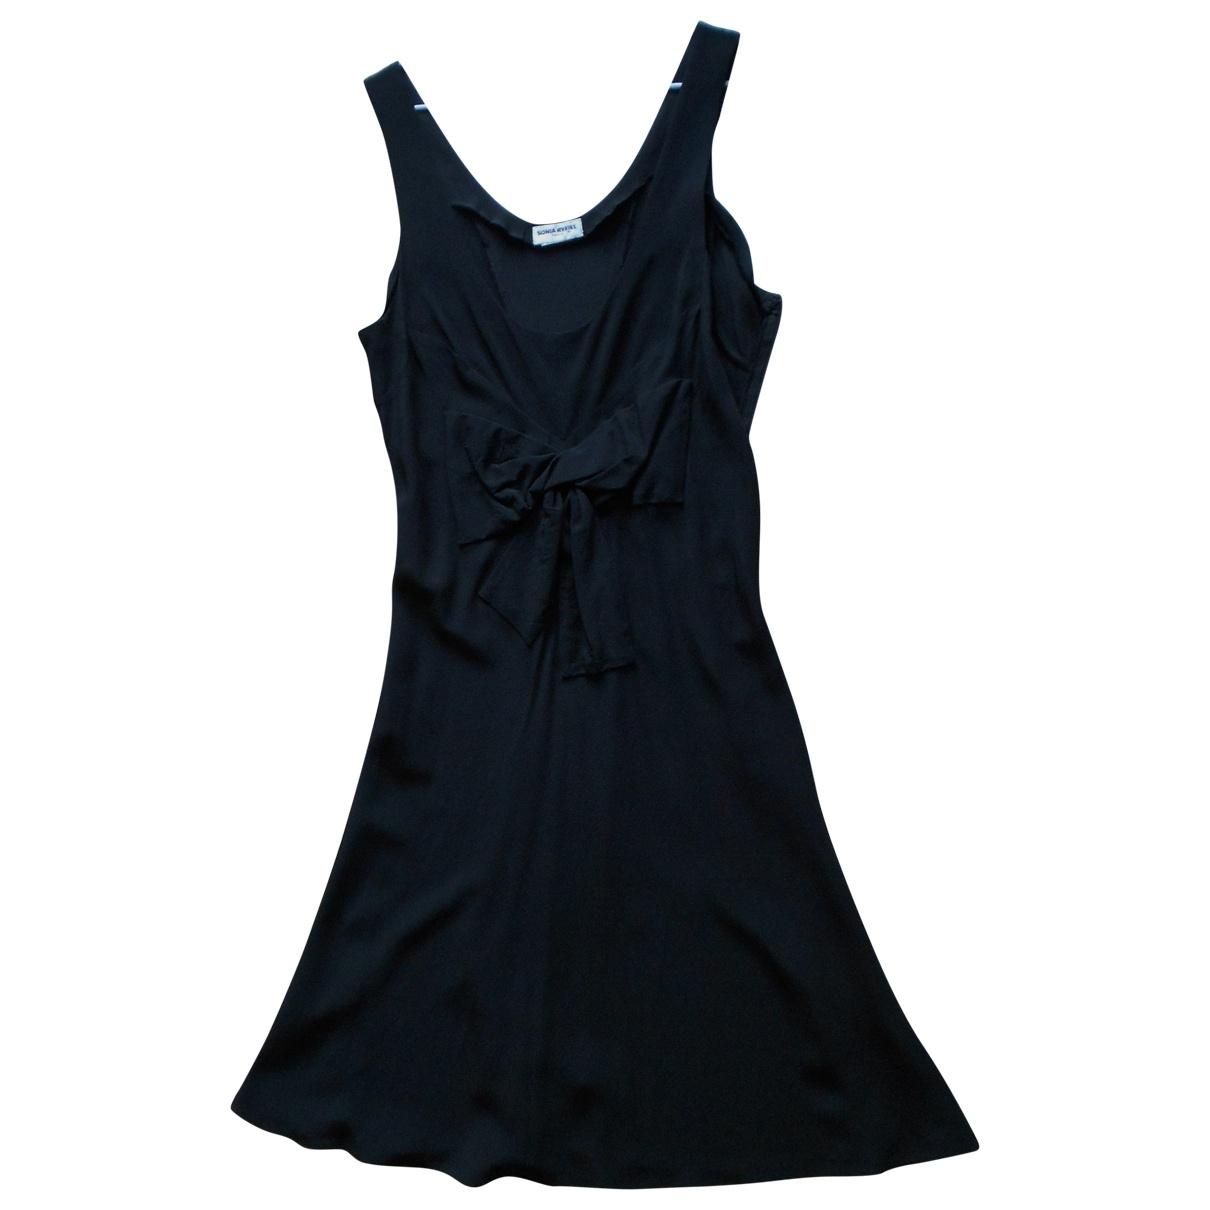 Sonia Rykiel \N Kleid in  Schwarz Seide